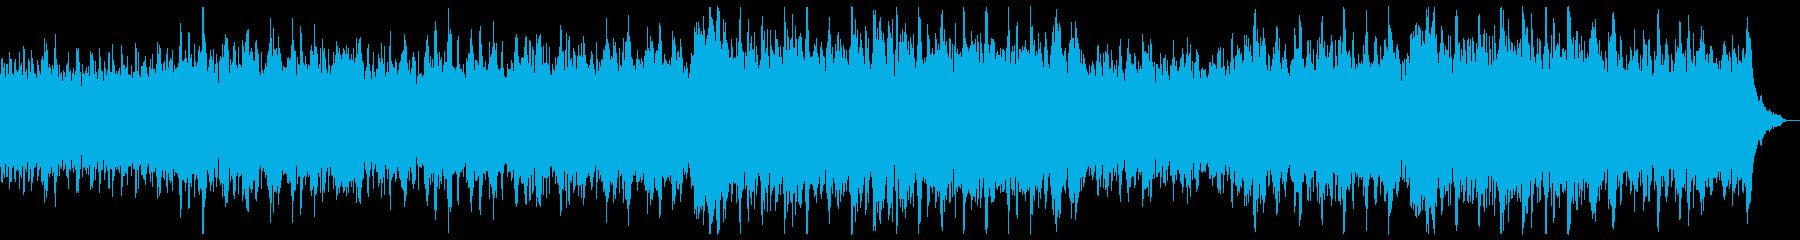 デジタル技術・知的ピアノの再生済みの波形